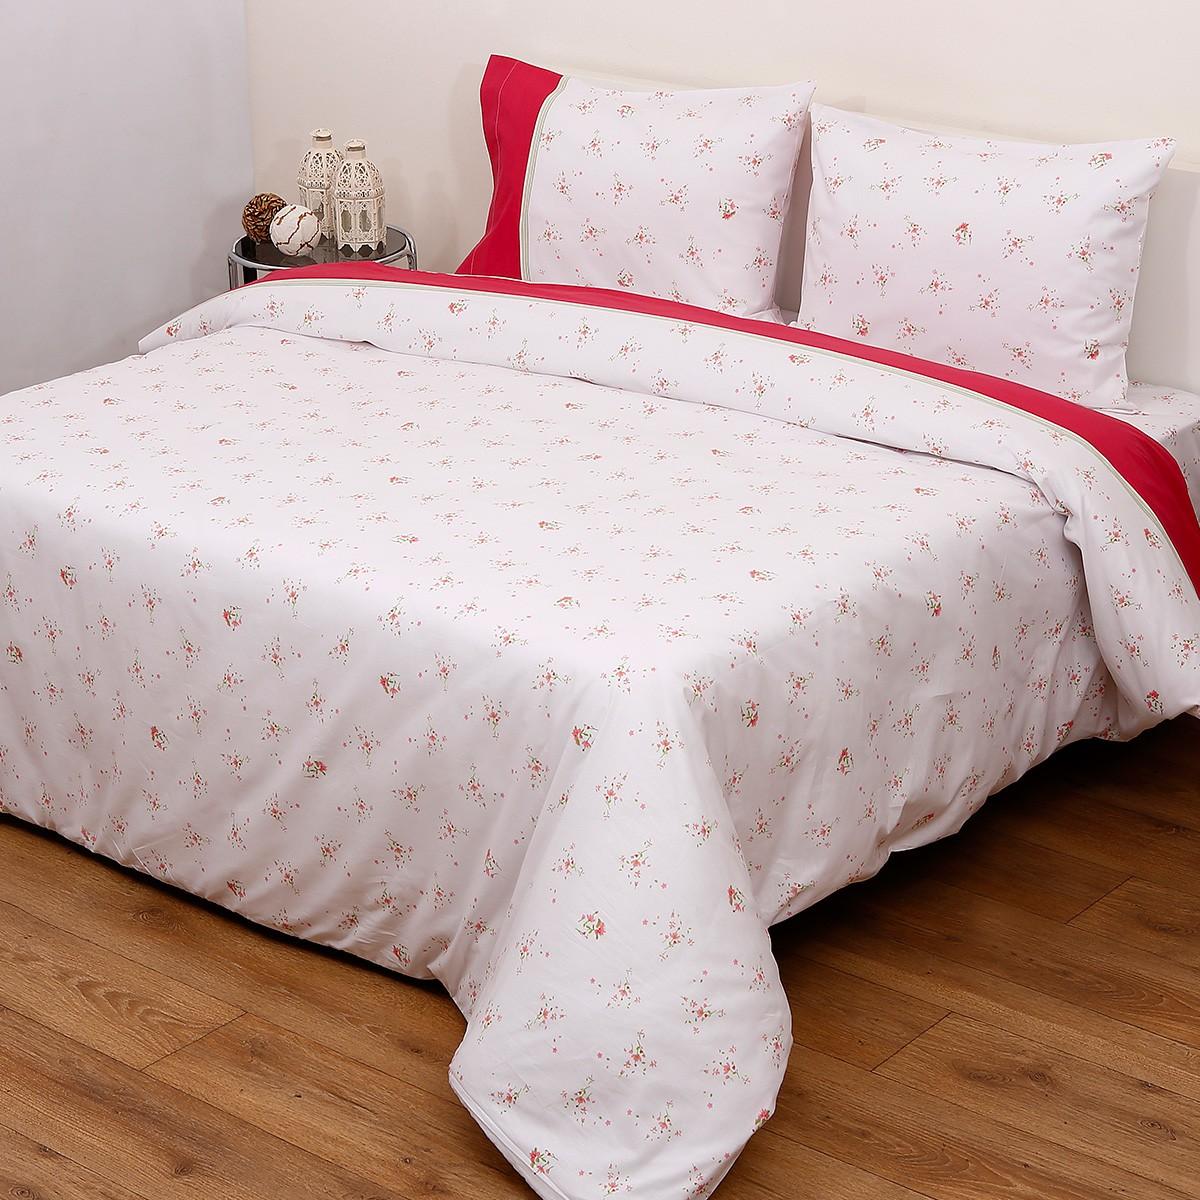 Πάπλωμα Ημίδιπλο (Σετ) Viopros Fresh Μιλένα home   κρεβατοκάμαρα   παπλώματα   παπλώματα ημίδιπλα   διπλά